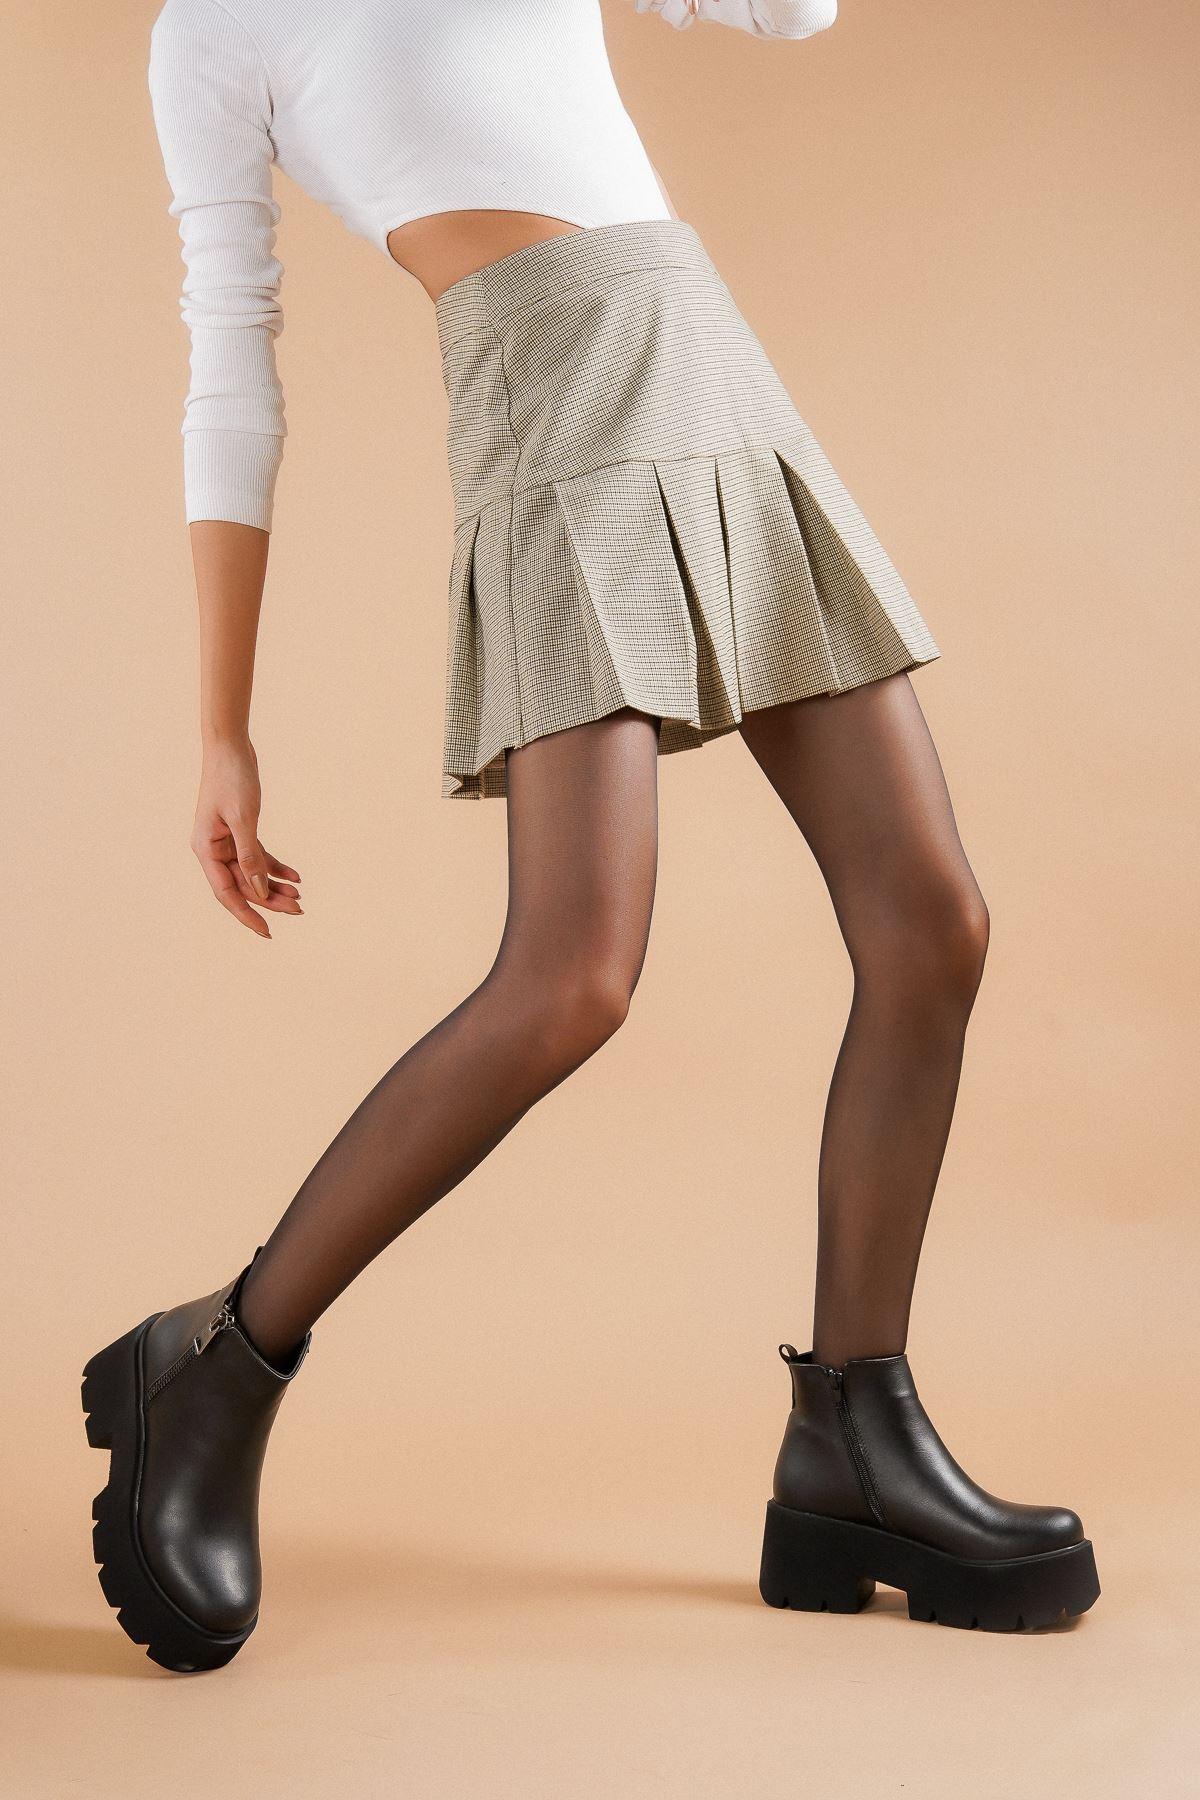 Alita Siyah Cilt Topuklu Kadın Bot